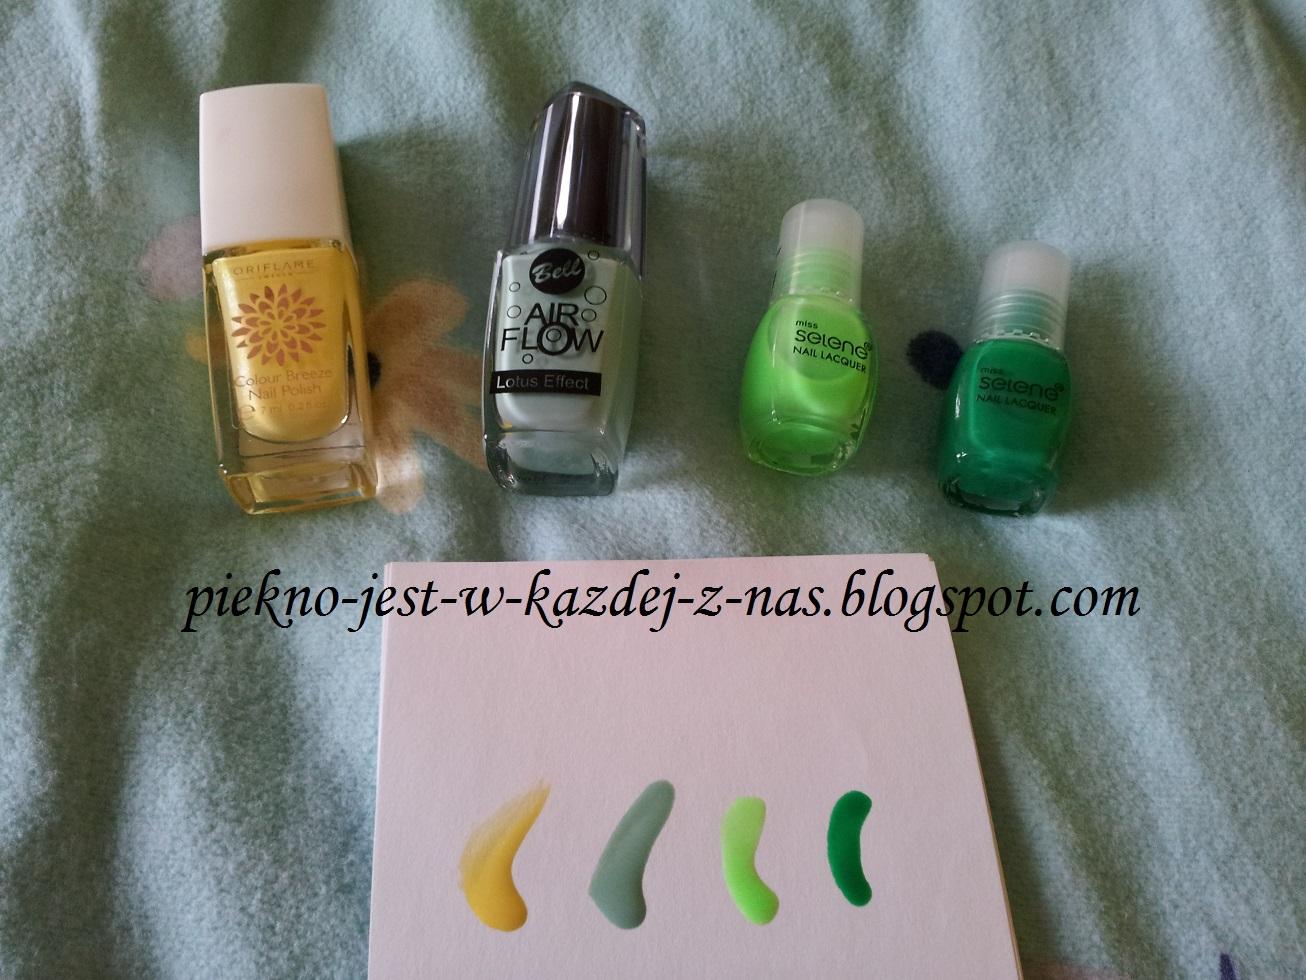 Moja kolekcja lakierów - zółty i zielony